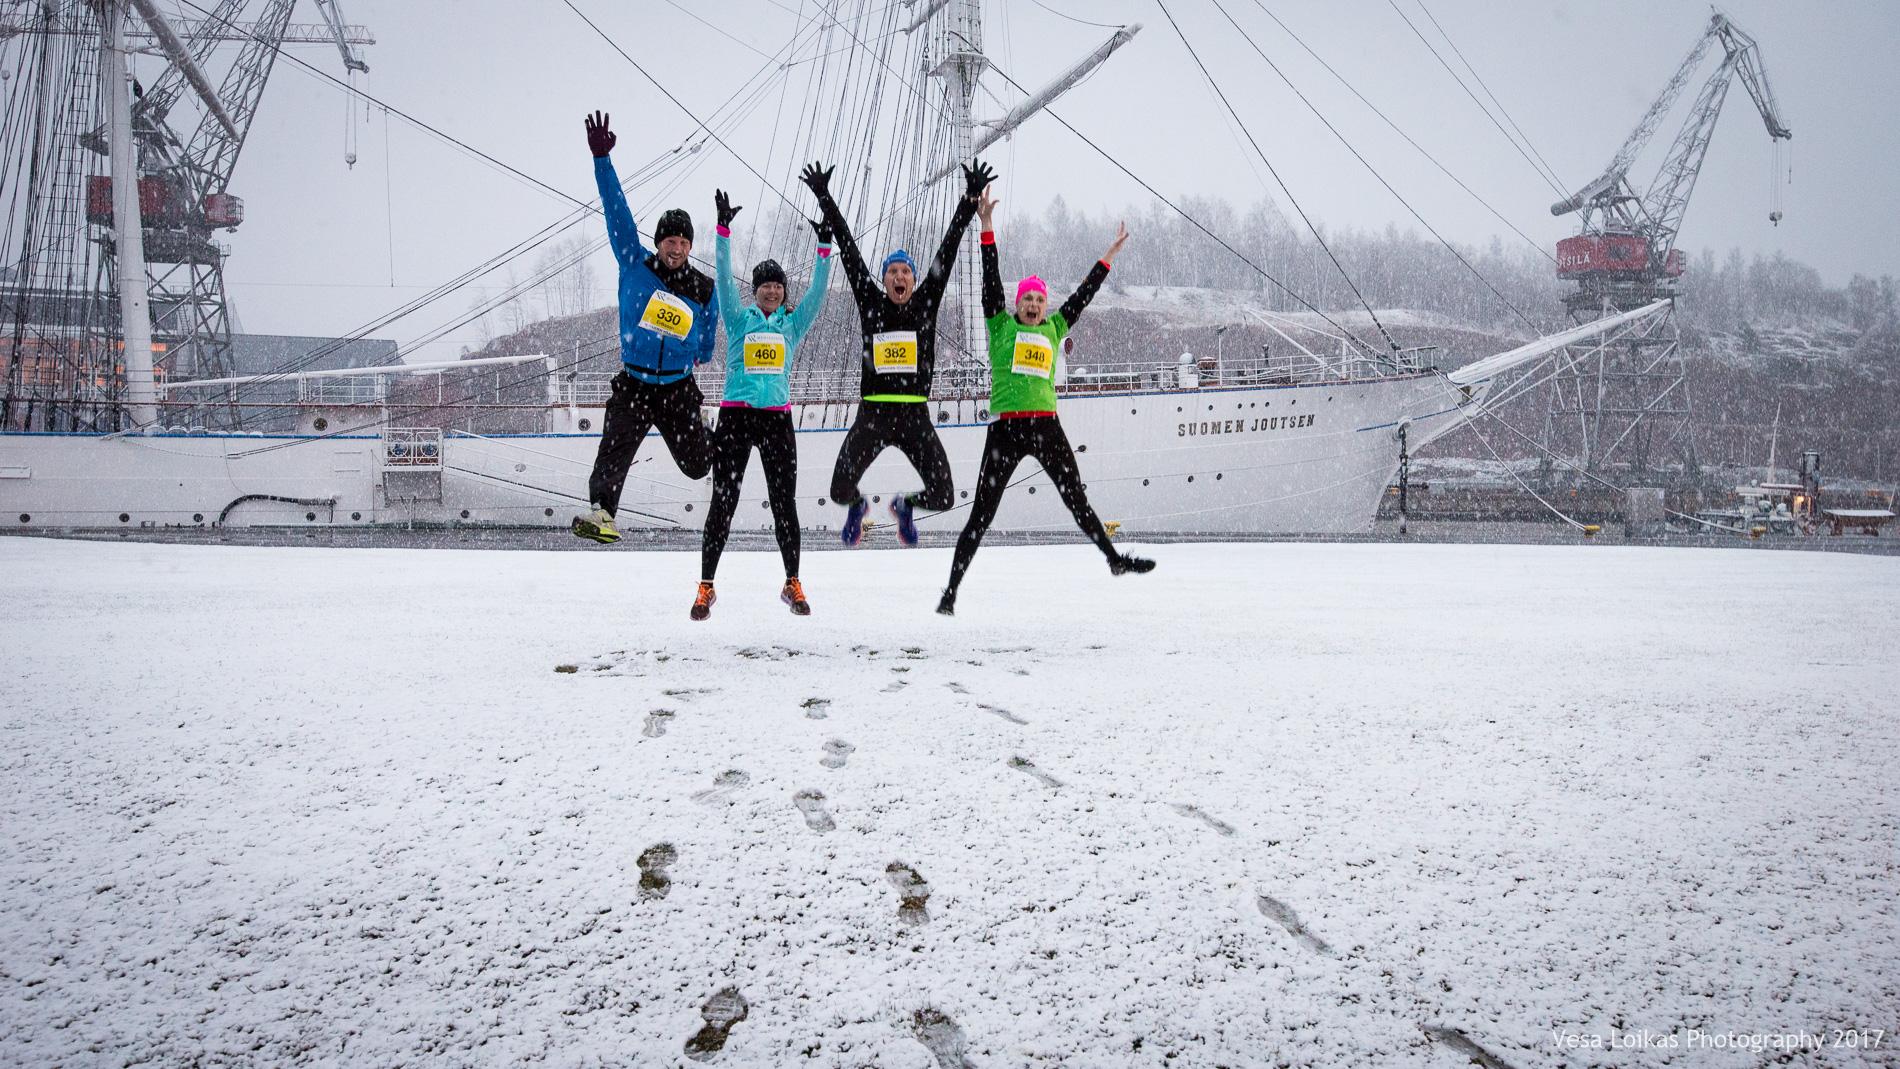 Sää oli täysin erilainen kuin viime vuonna, mutta silti juoksijoita oli  ennätysmäärä . The weather was a total opposite from last year, despite that there were a  record number  of runners.